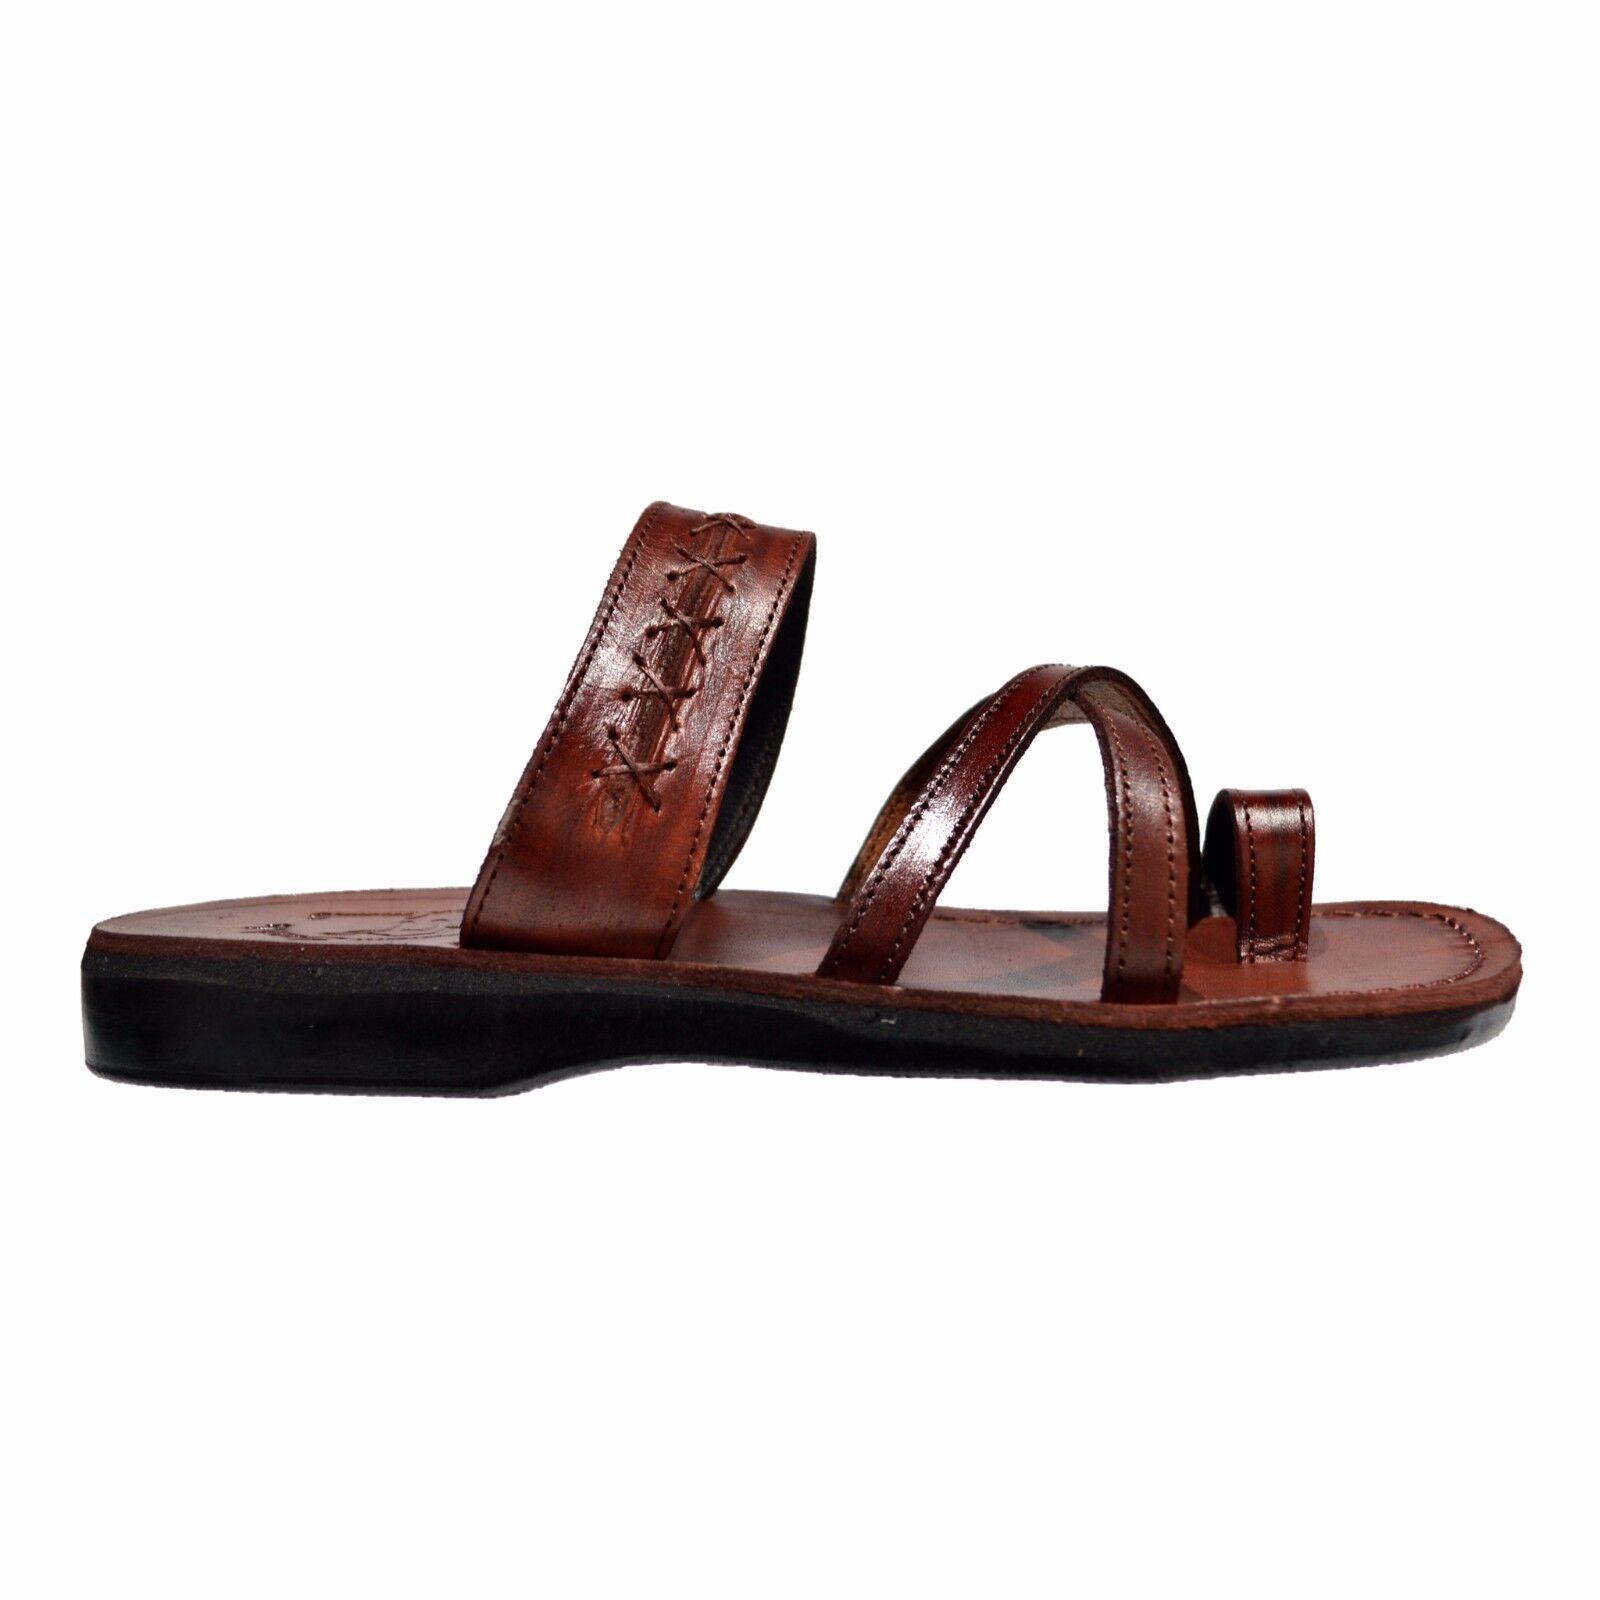 Jerusalem Sandals Caleb Men's Leather Flip Flop Sandals Brown